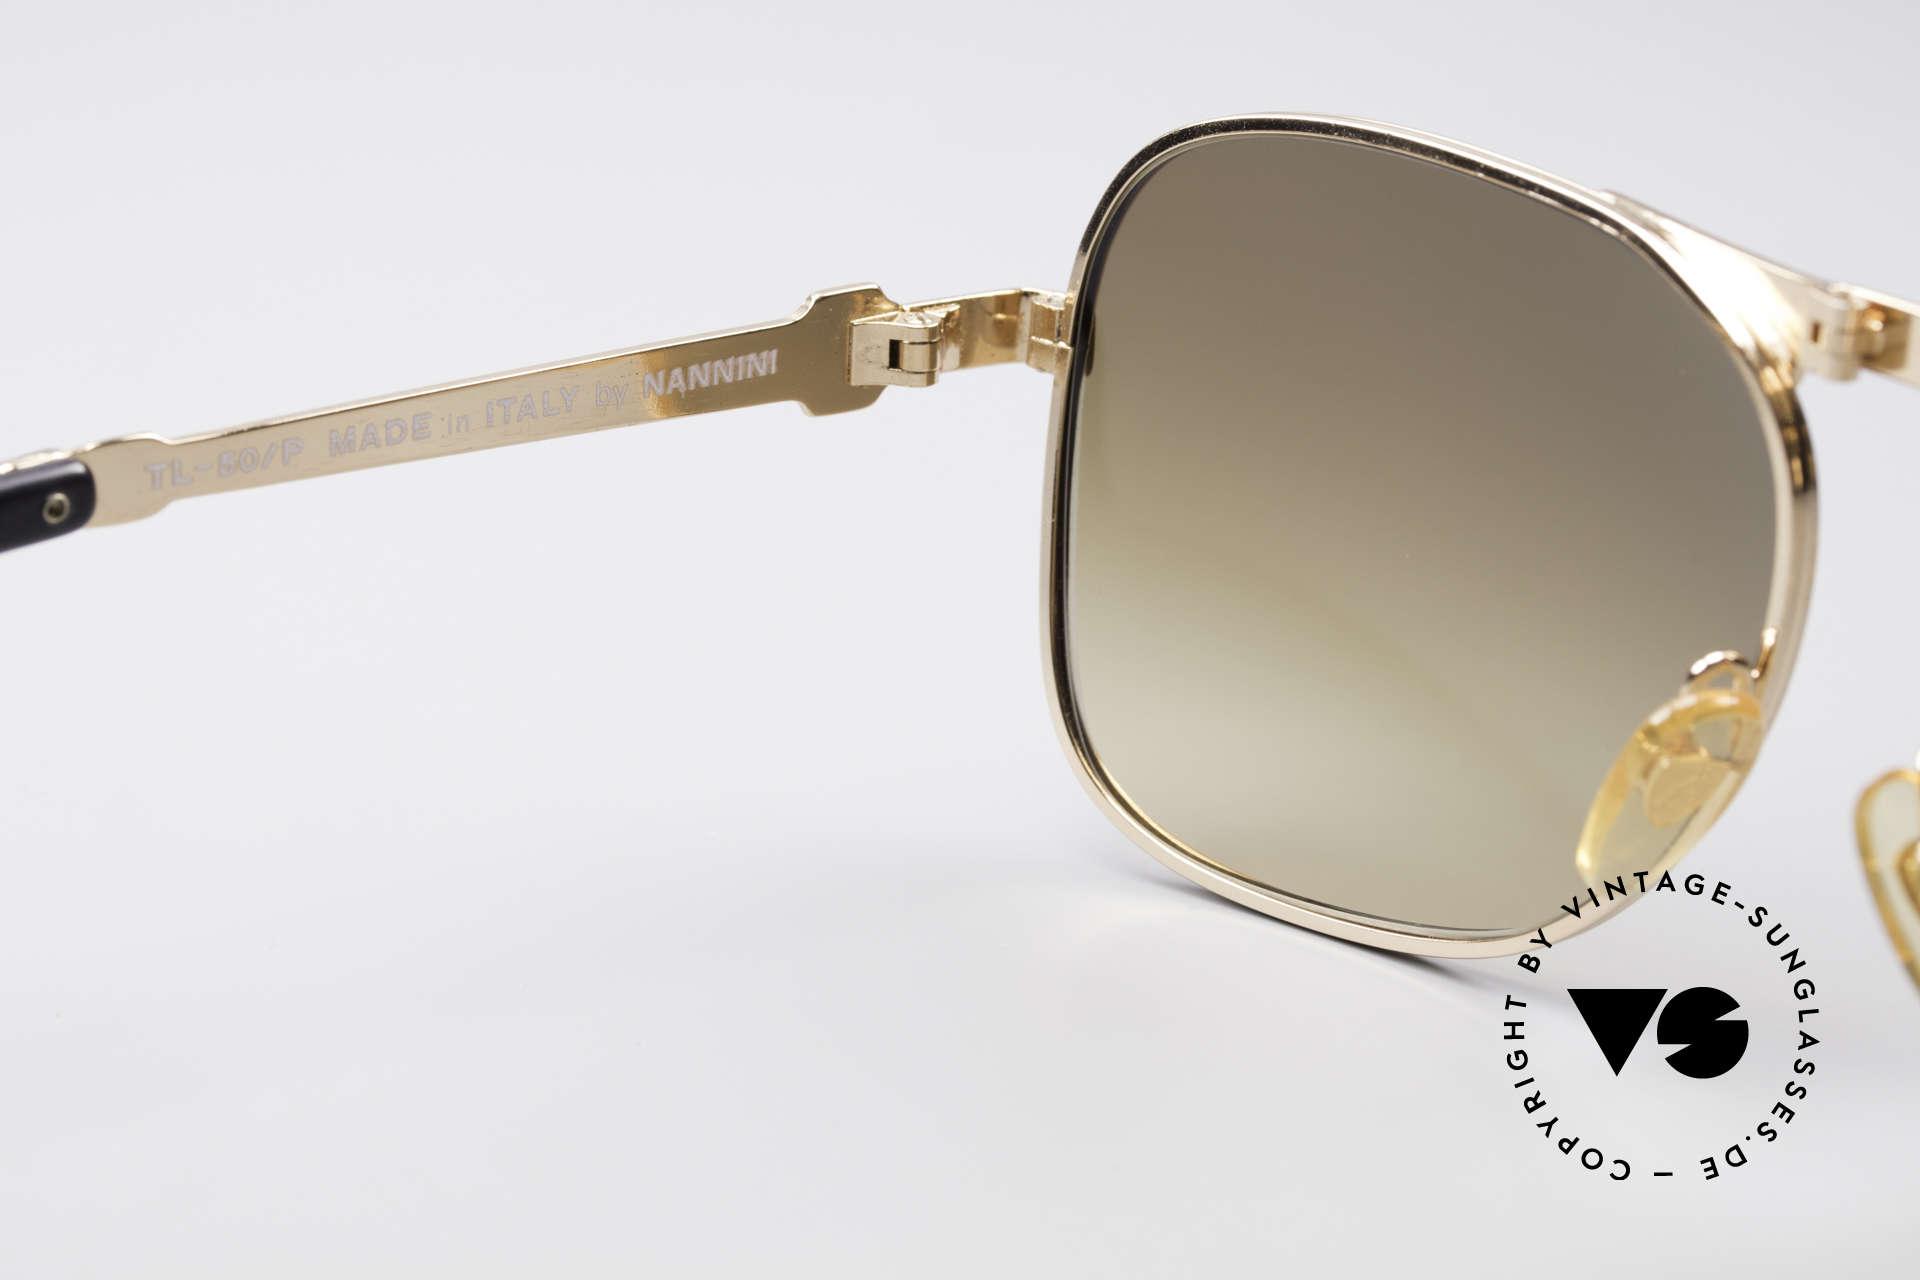 Lamborghini LT50/P Faltbare 80er Sonnenbrille, ungetragene Rarität, die man 'mit Vollgas' kaufen sollte ;), Passend für Herren